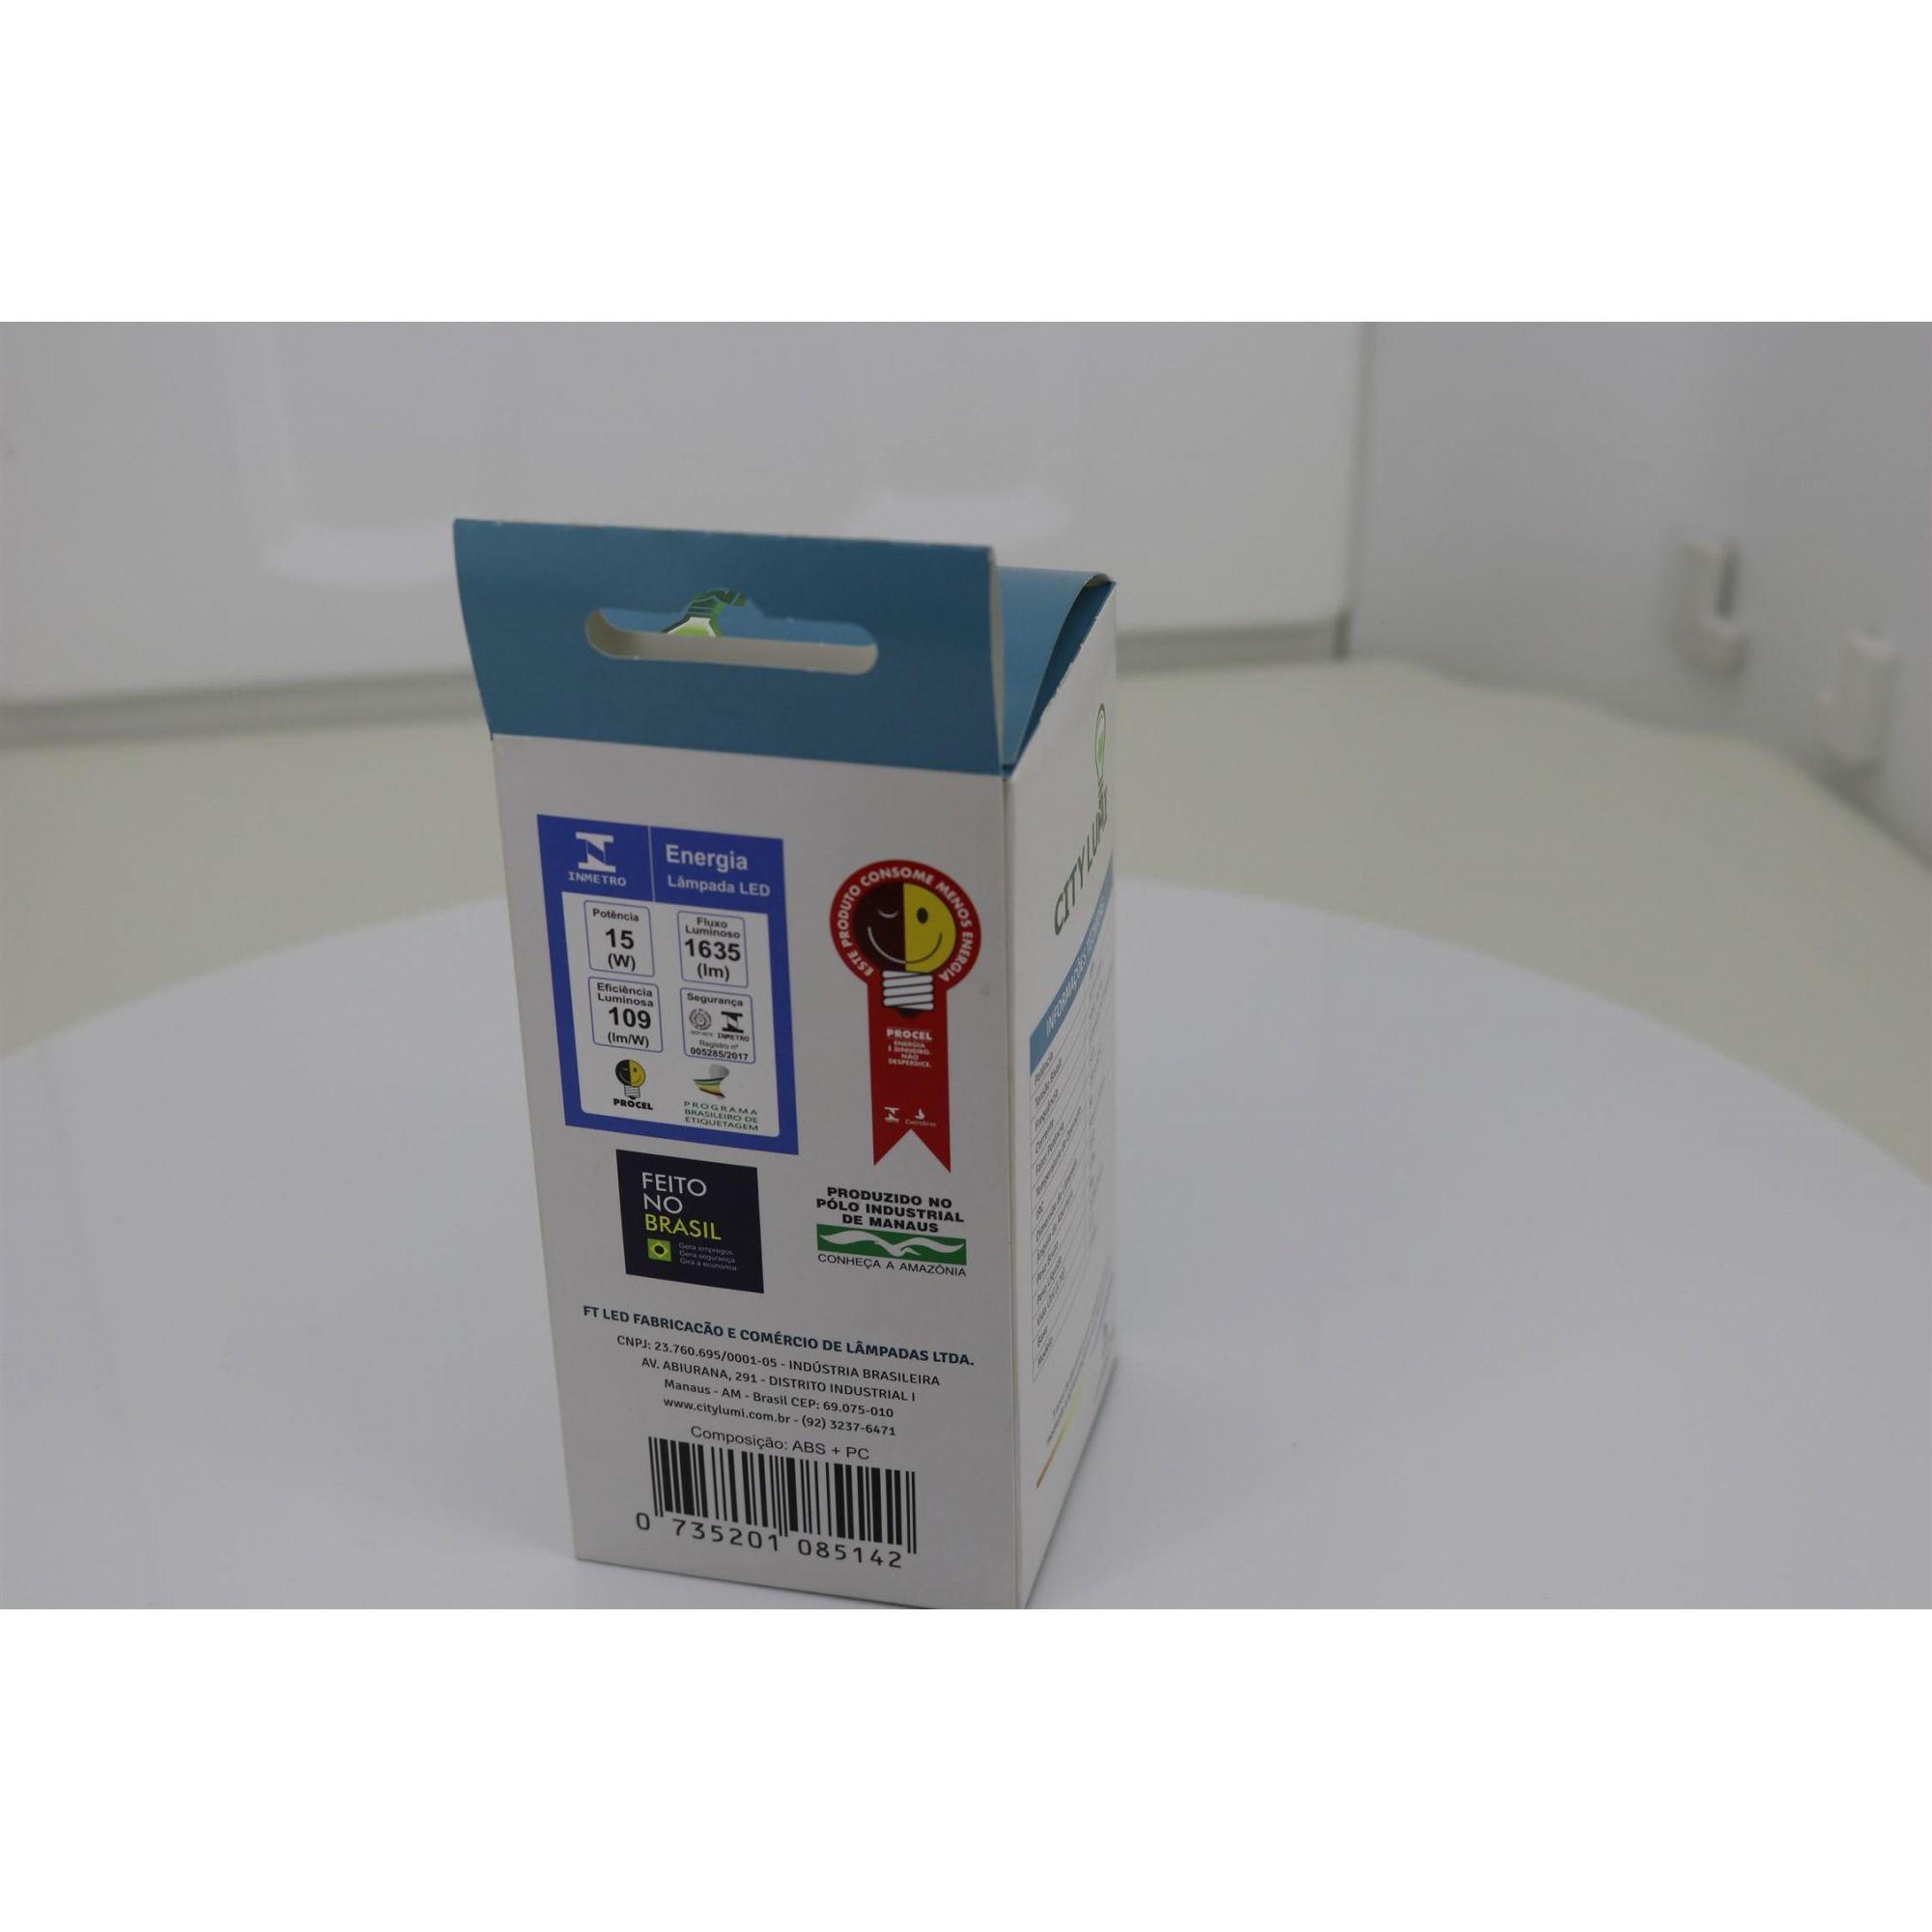 Lâmpada Bulbo Led 15w Soquete E27 Bivolt Branco Frio com 1635 Lúmens ( Alta potencia)